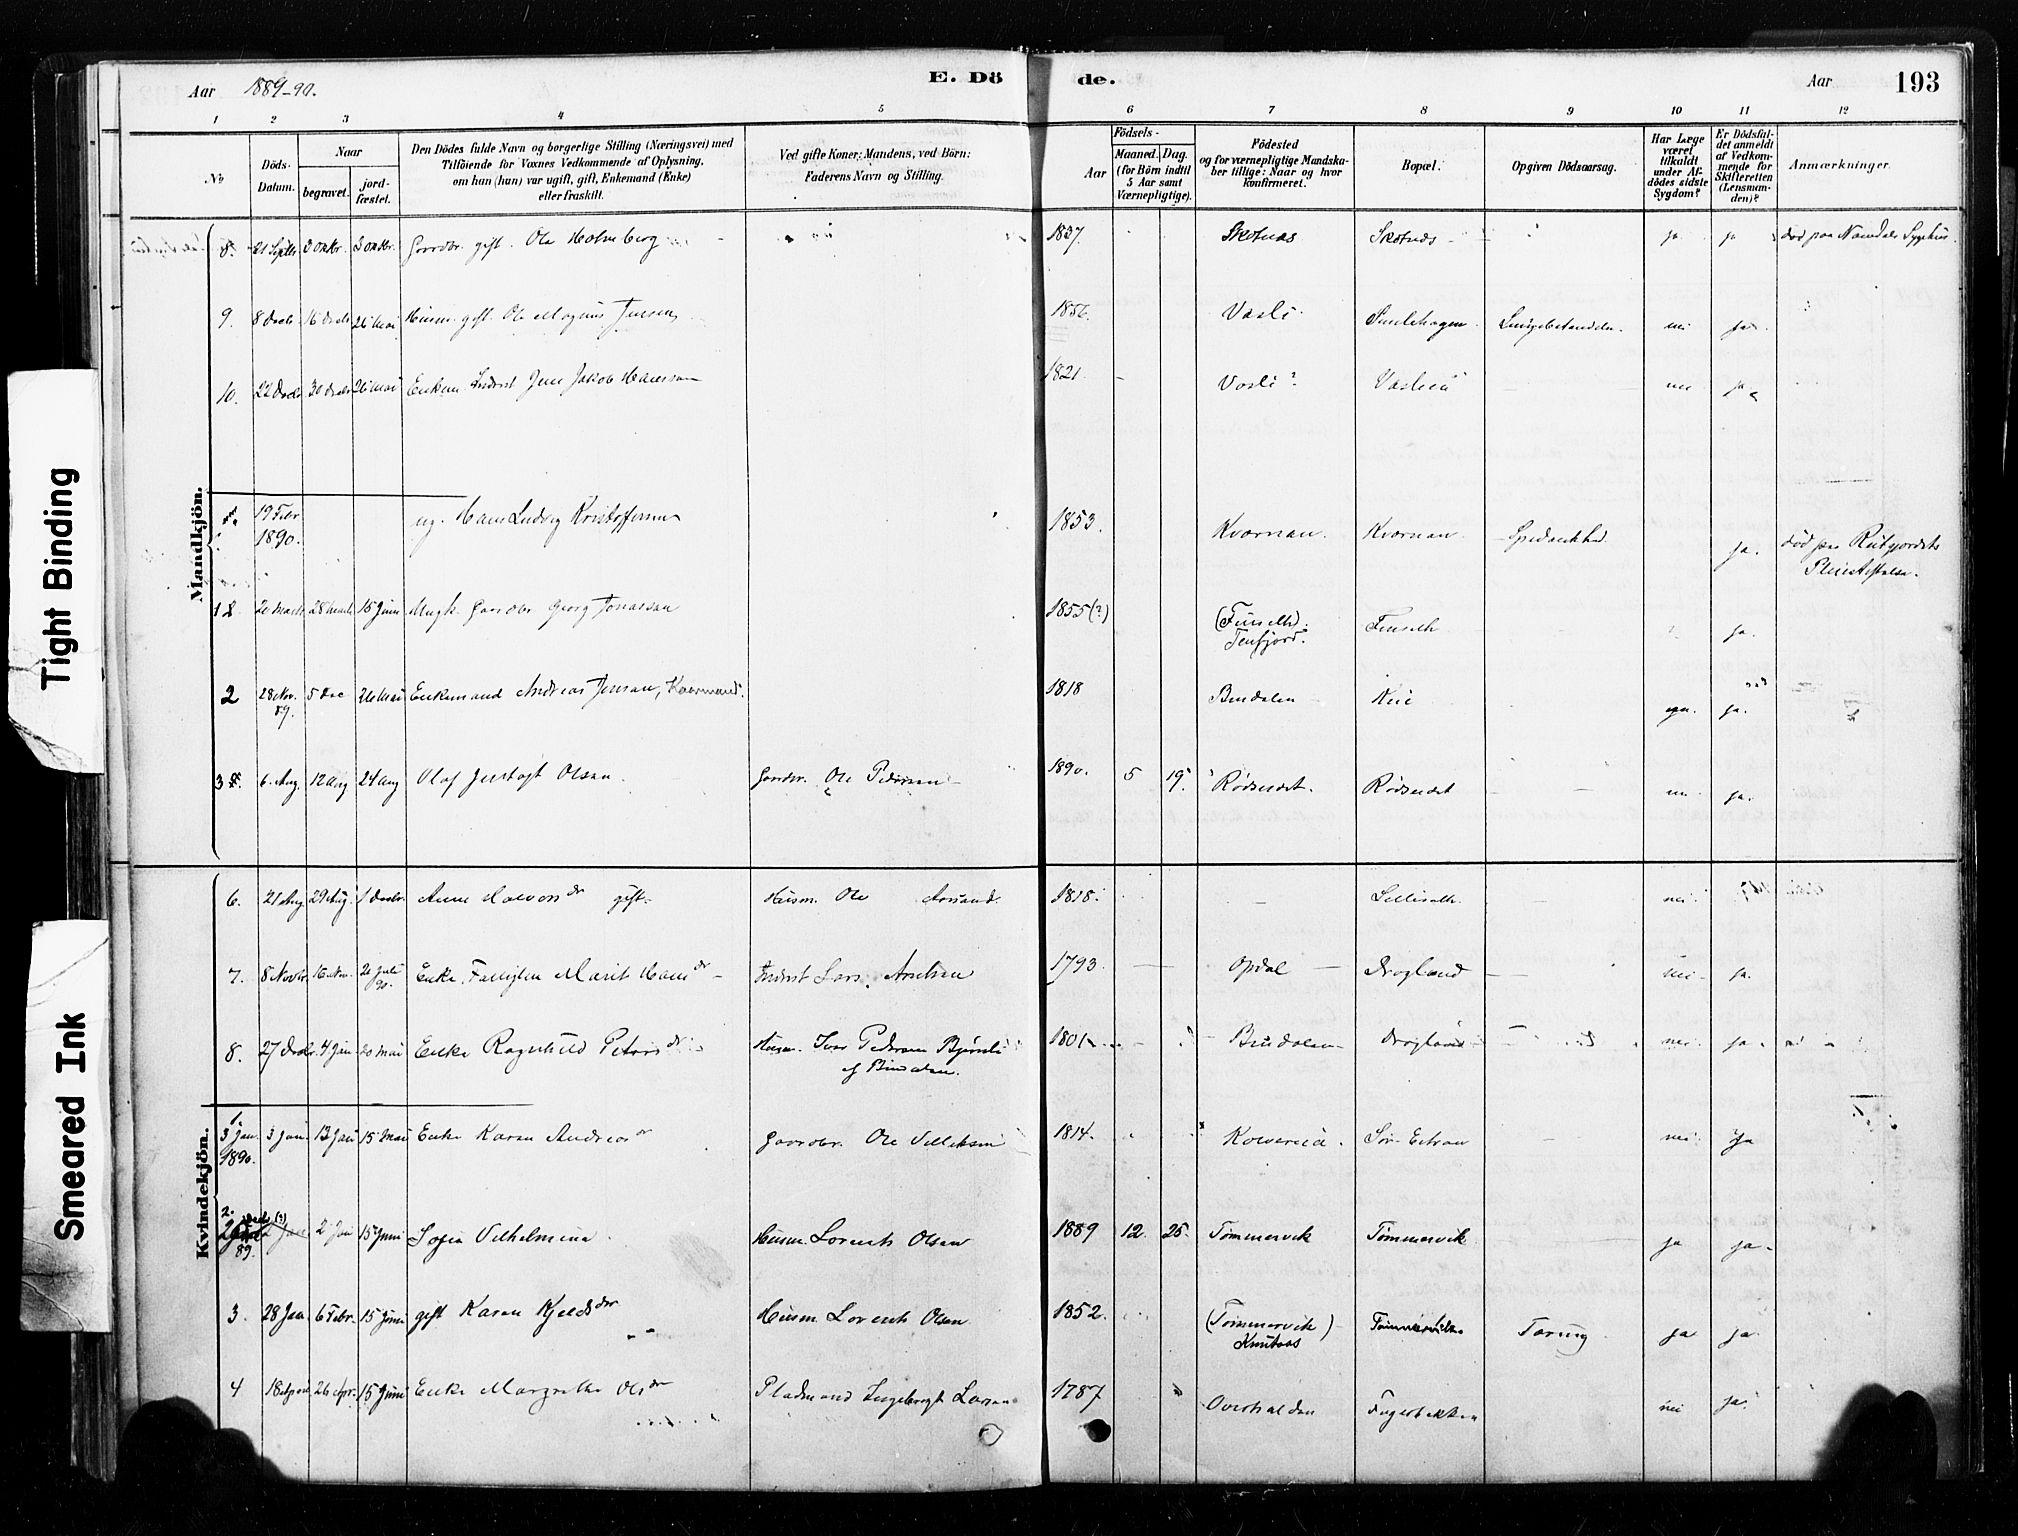 SAT, Ministerialprotokoller, klokkerbøker og fødselsregistre - Nord-Trøndelag, 789/L0705: Ministerialbok nr. 789A01, 1878-1910, s. 193